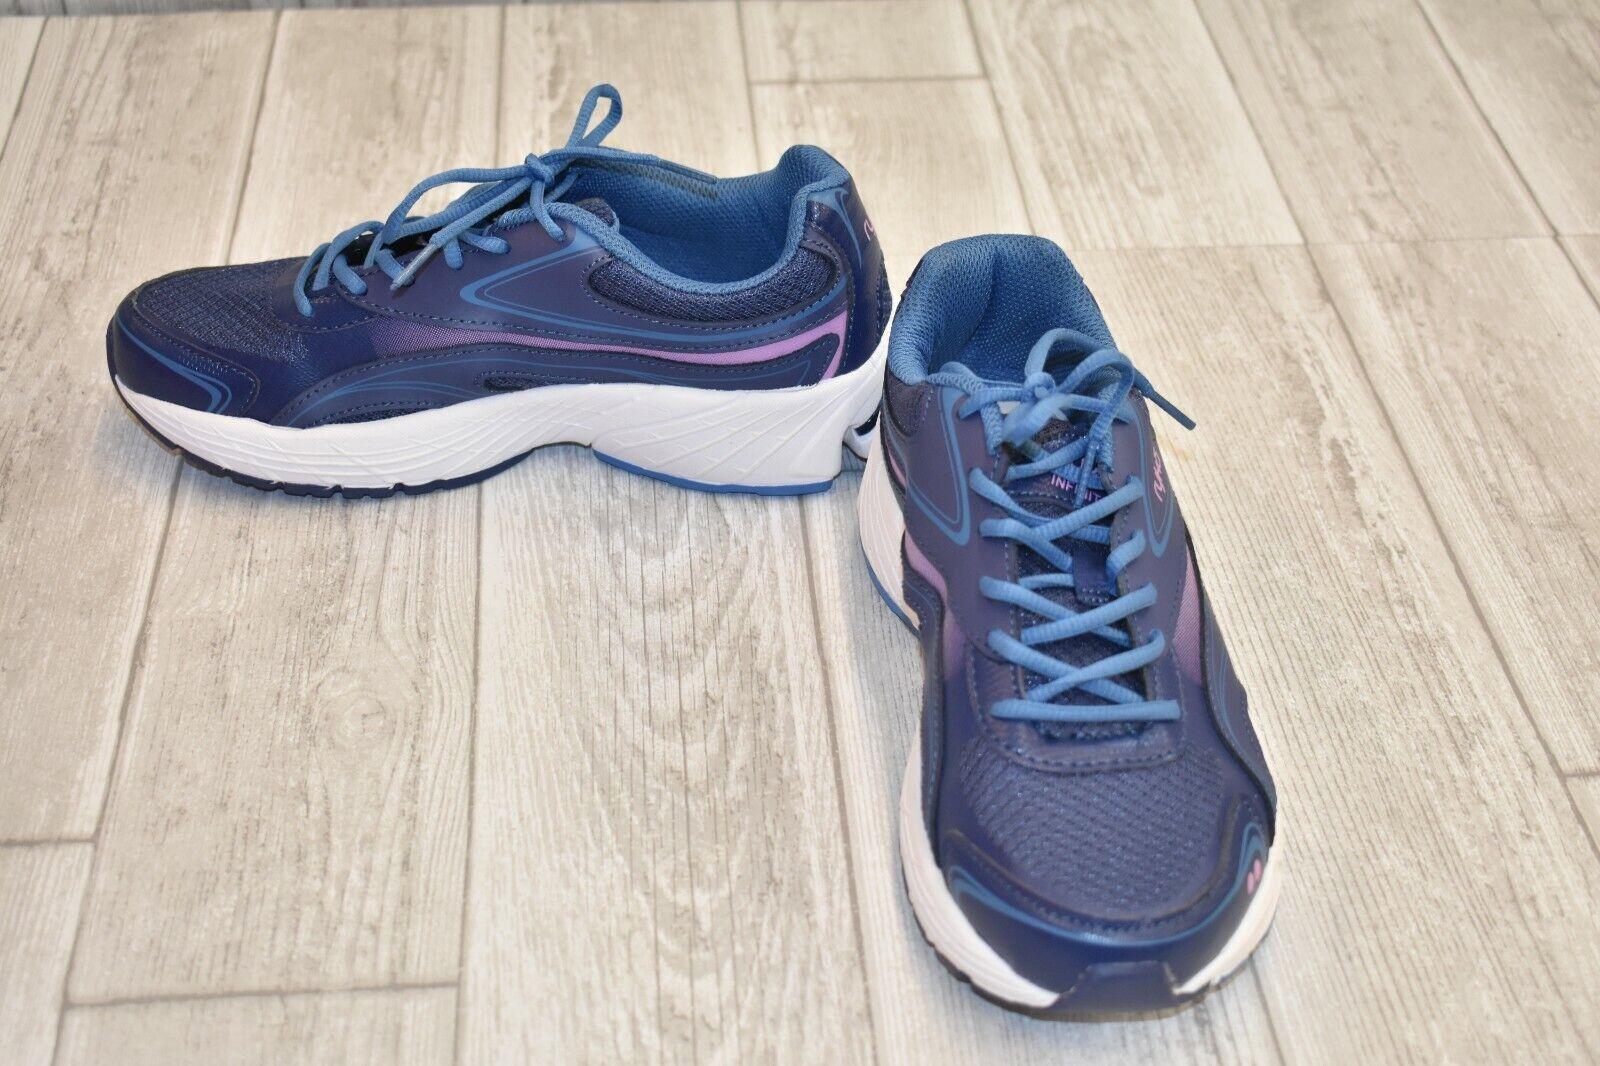 Ryka Infinite Walking Sneaker - Women's Size 7.5W Navy